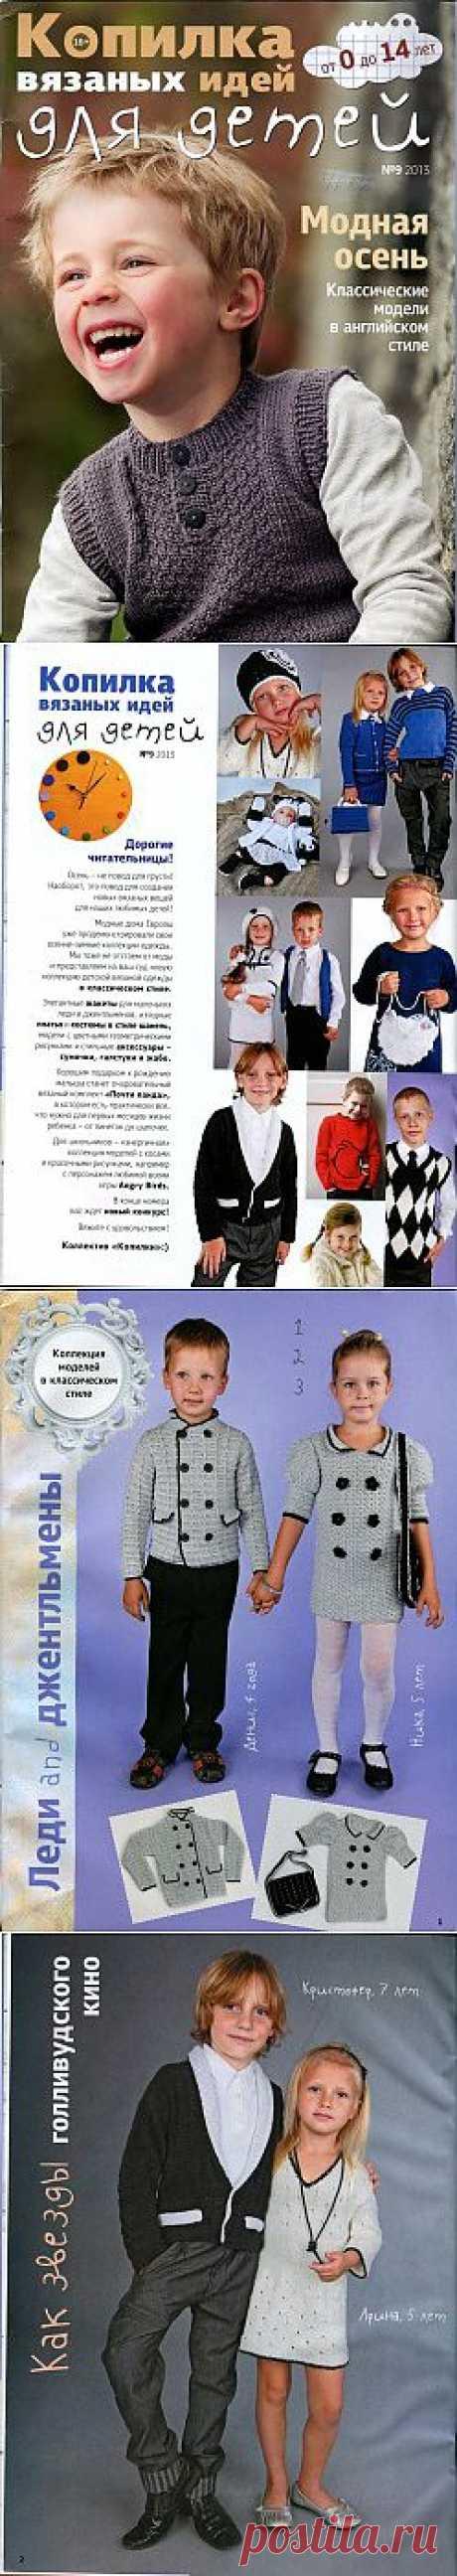 Копилка вязаных идей для детей №9 2013.